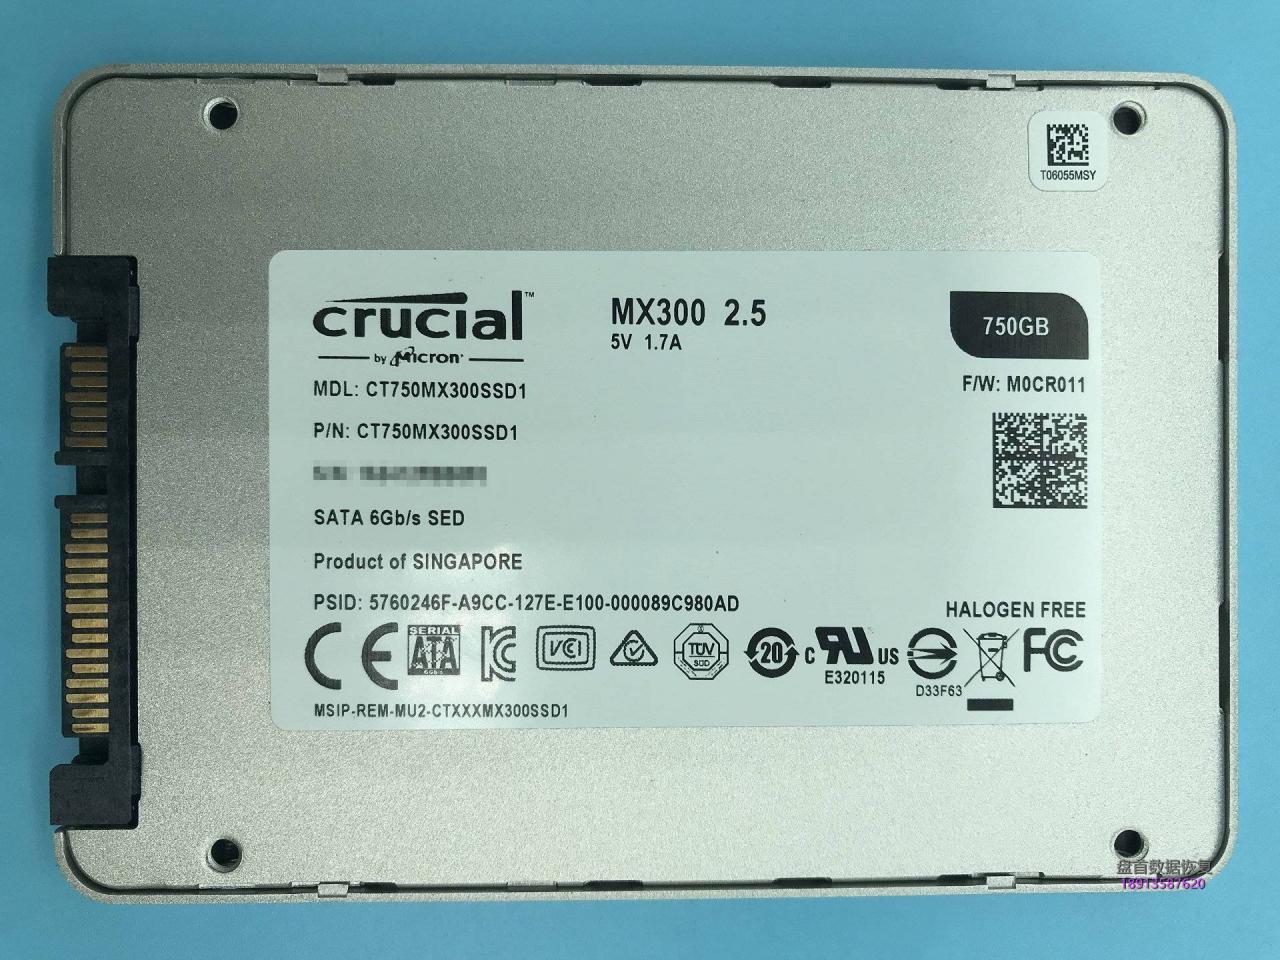 美光Crucial MX300 750GB CT750MX300SSD1固态硬盘误操作导致Outlook邮件PST文件丢失恢复成功